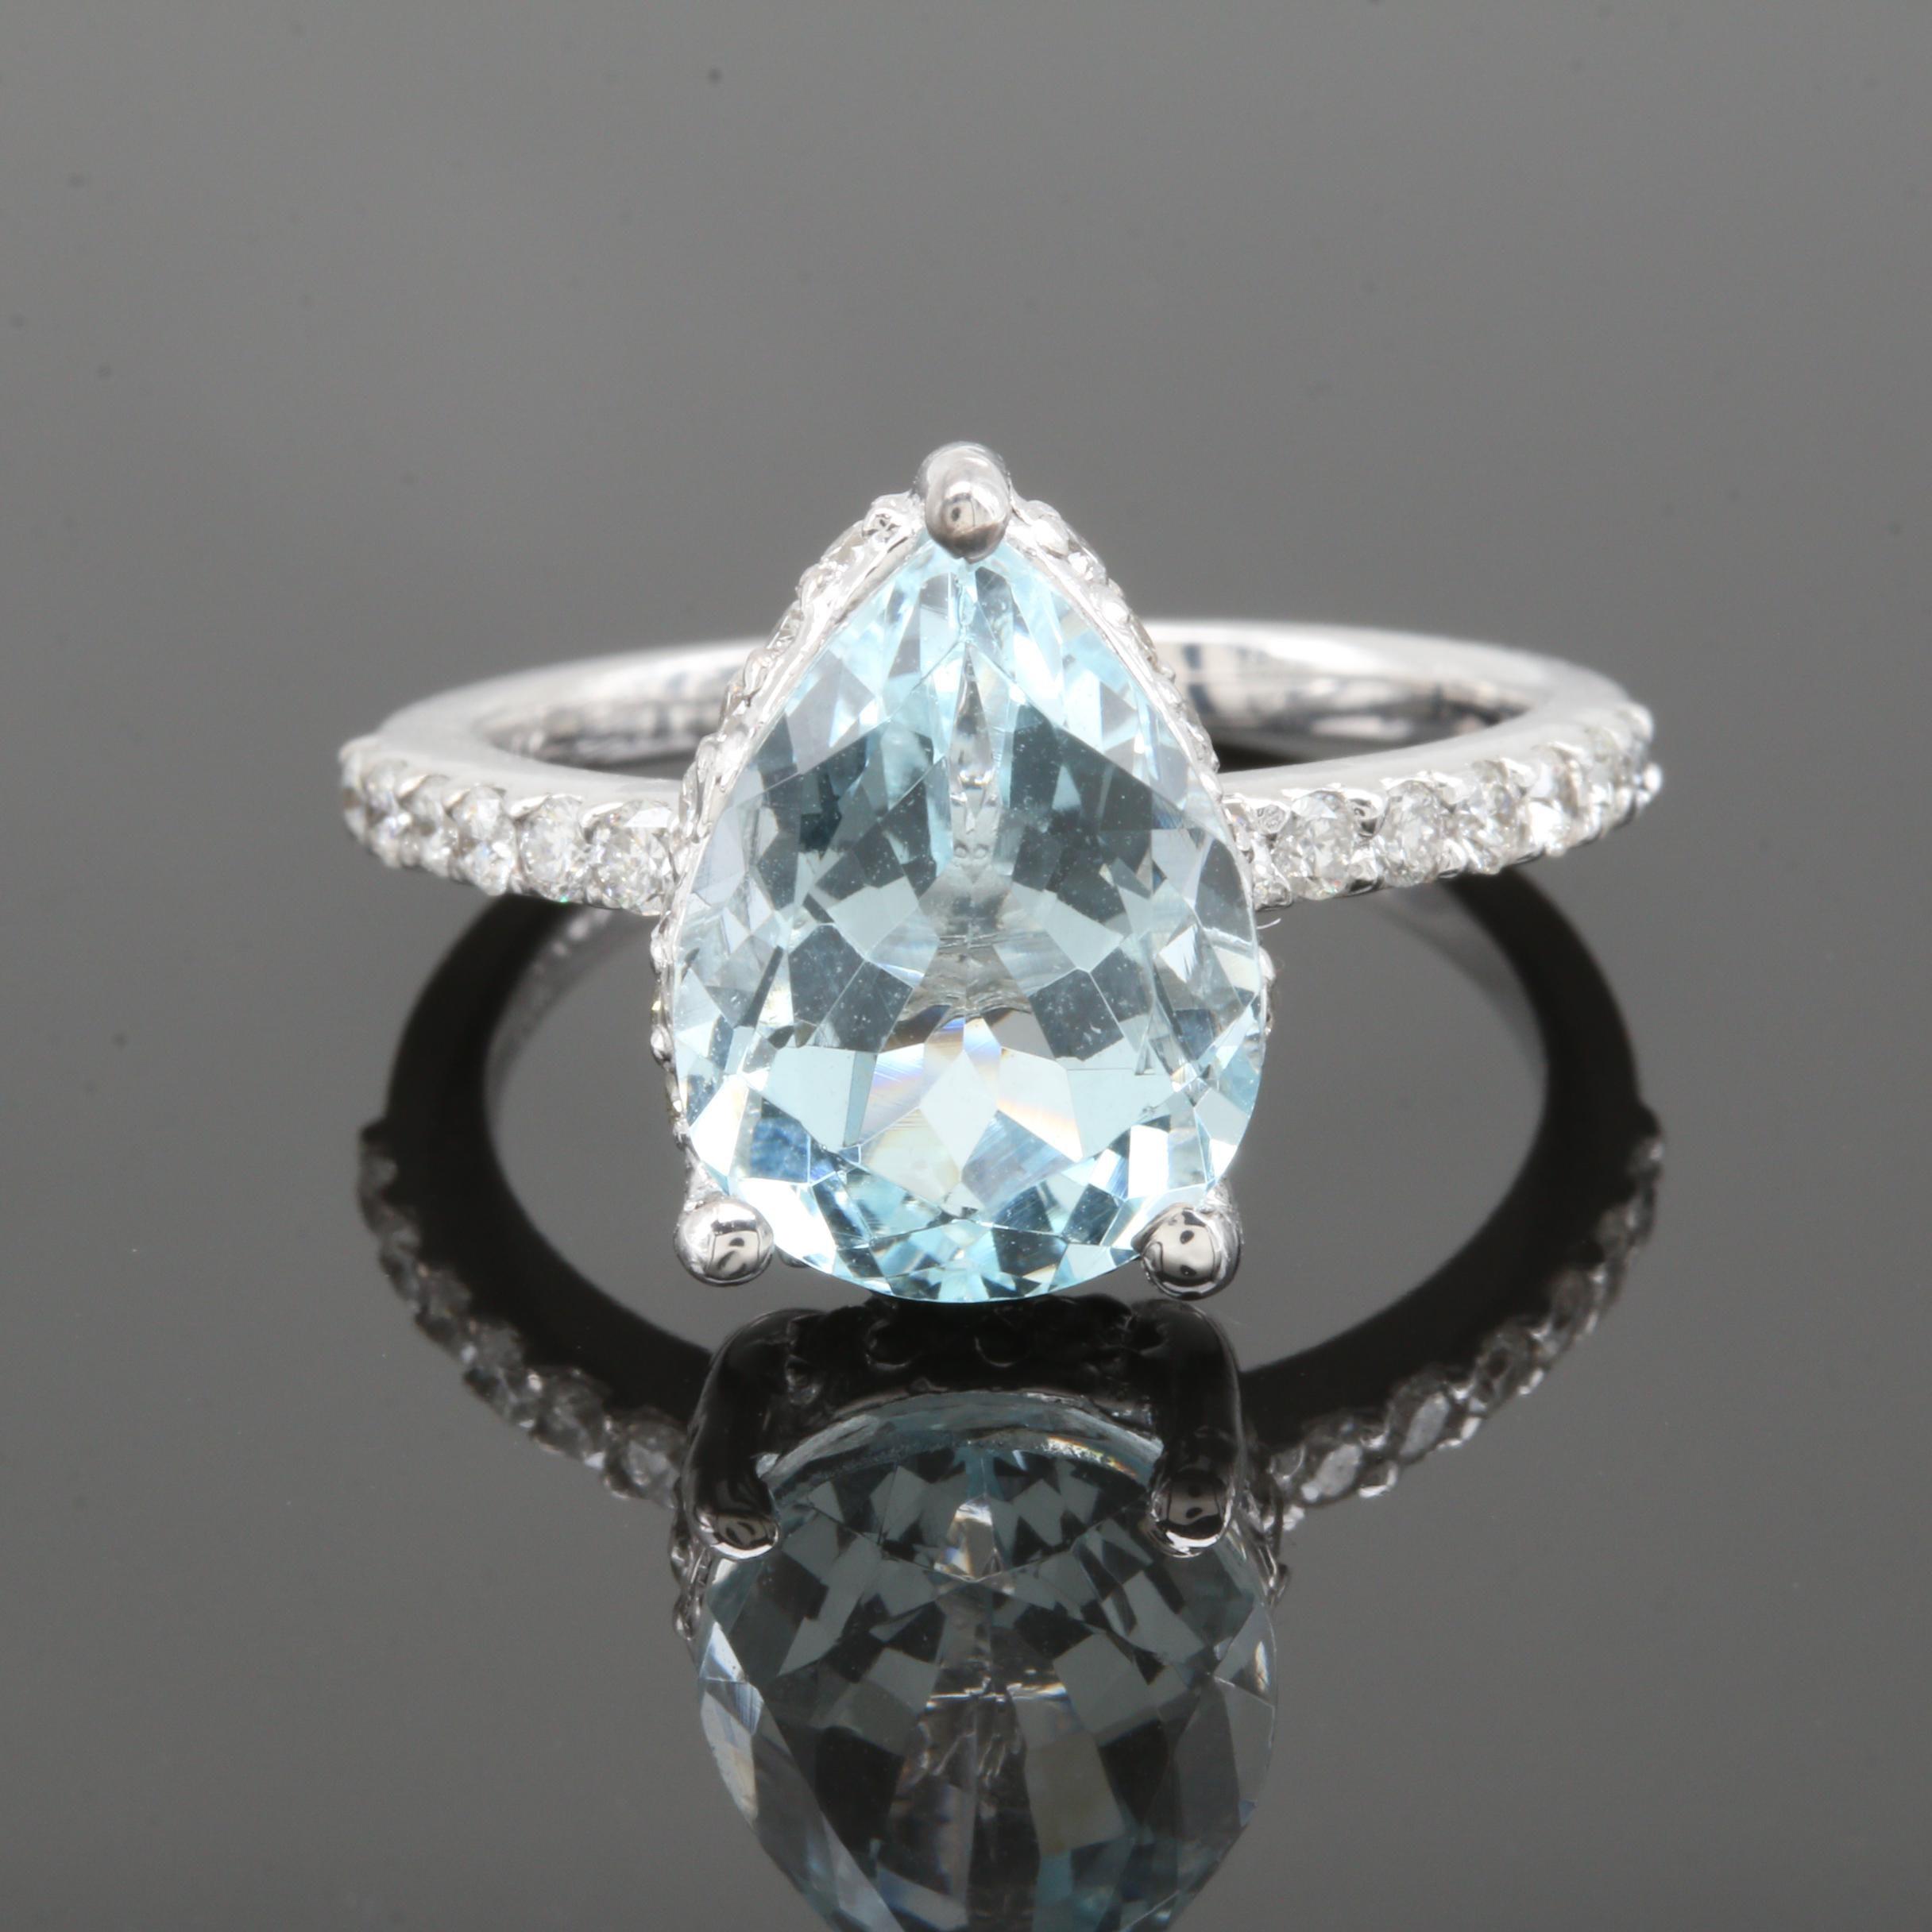 14K White Gold 3.37 CT Aquamarine and Diamond Ring